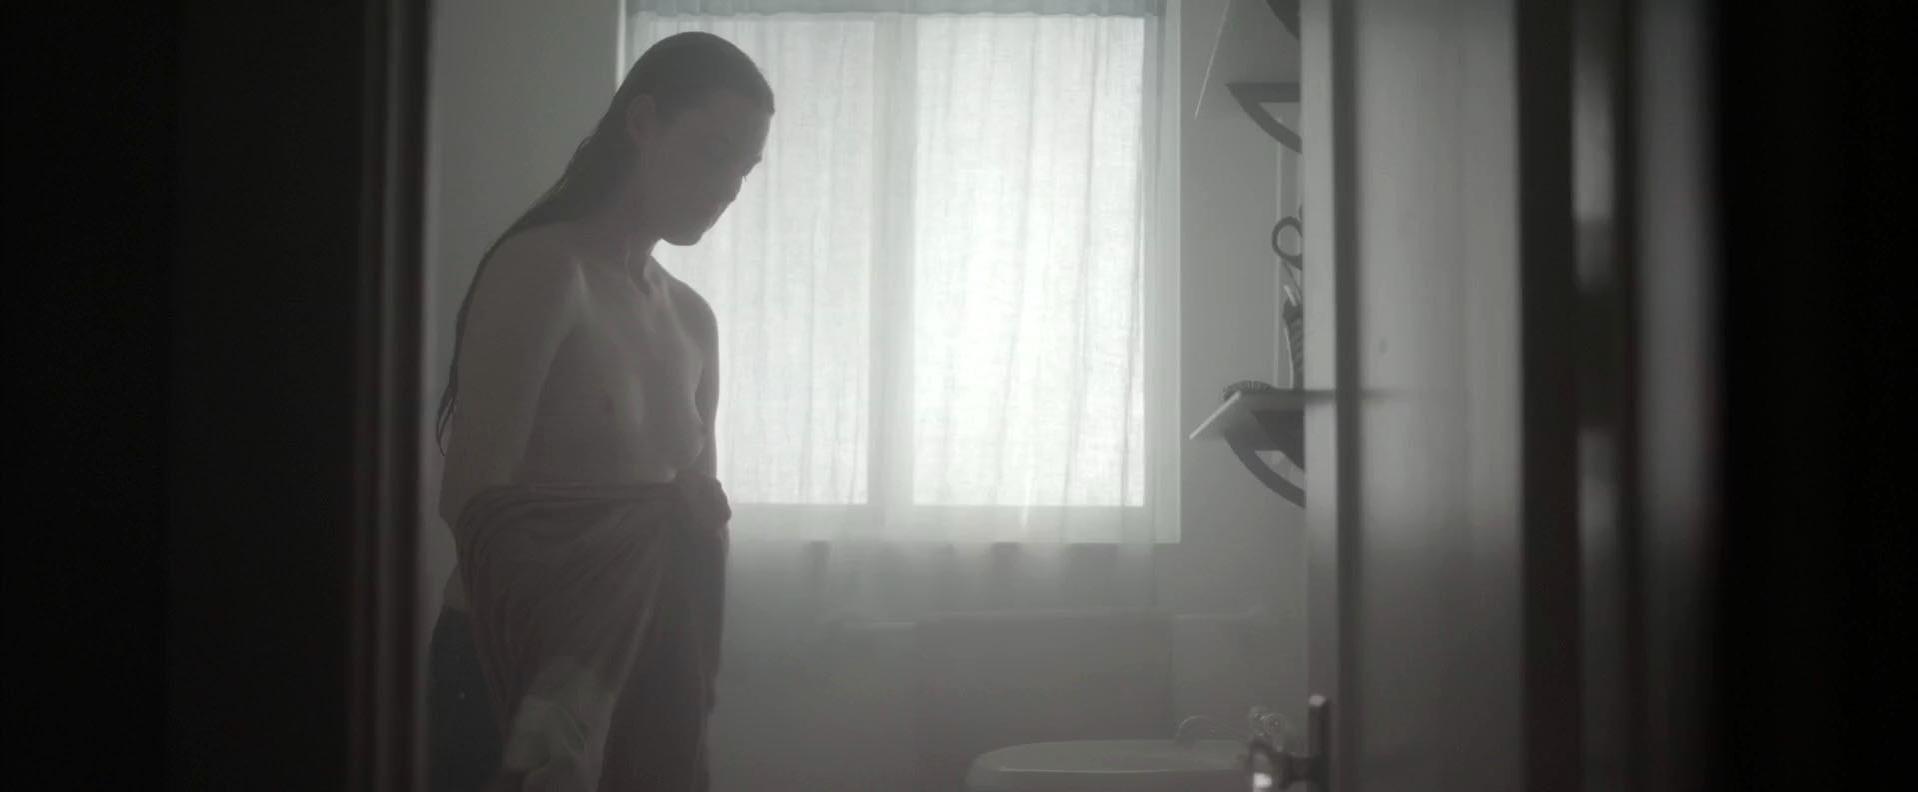 Hot Bare Naked Choke Images